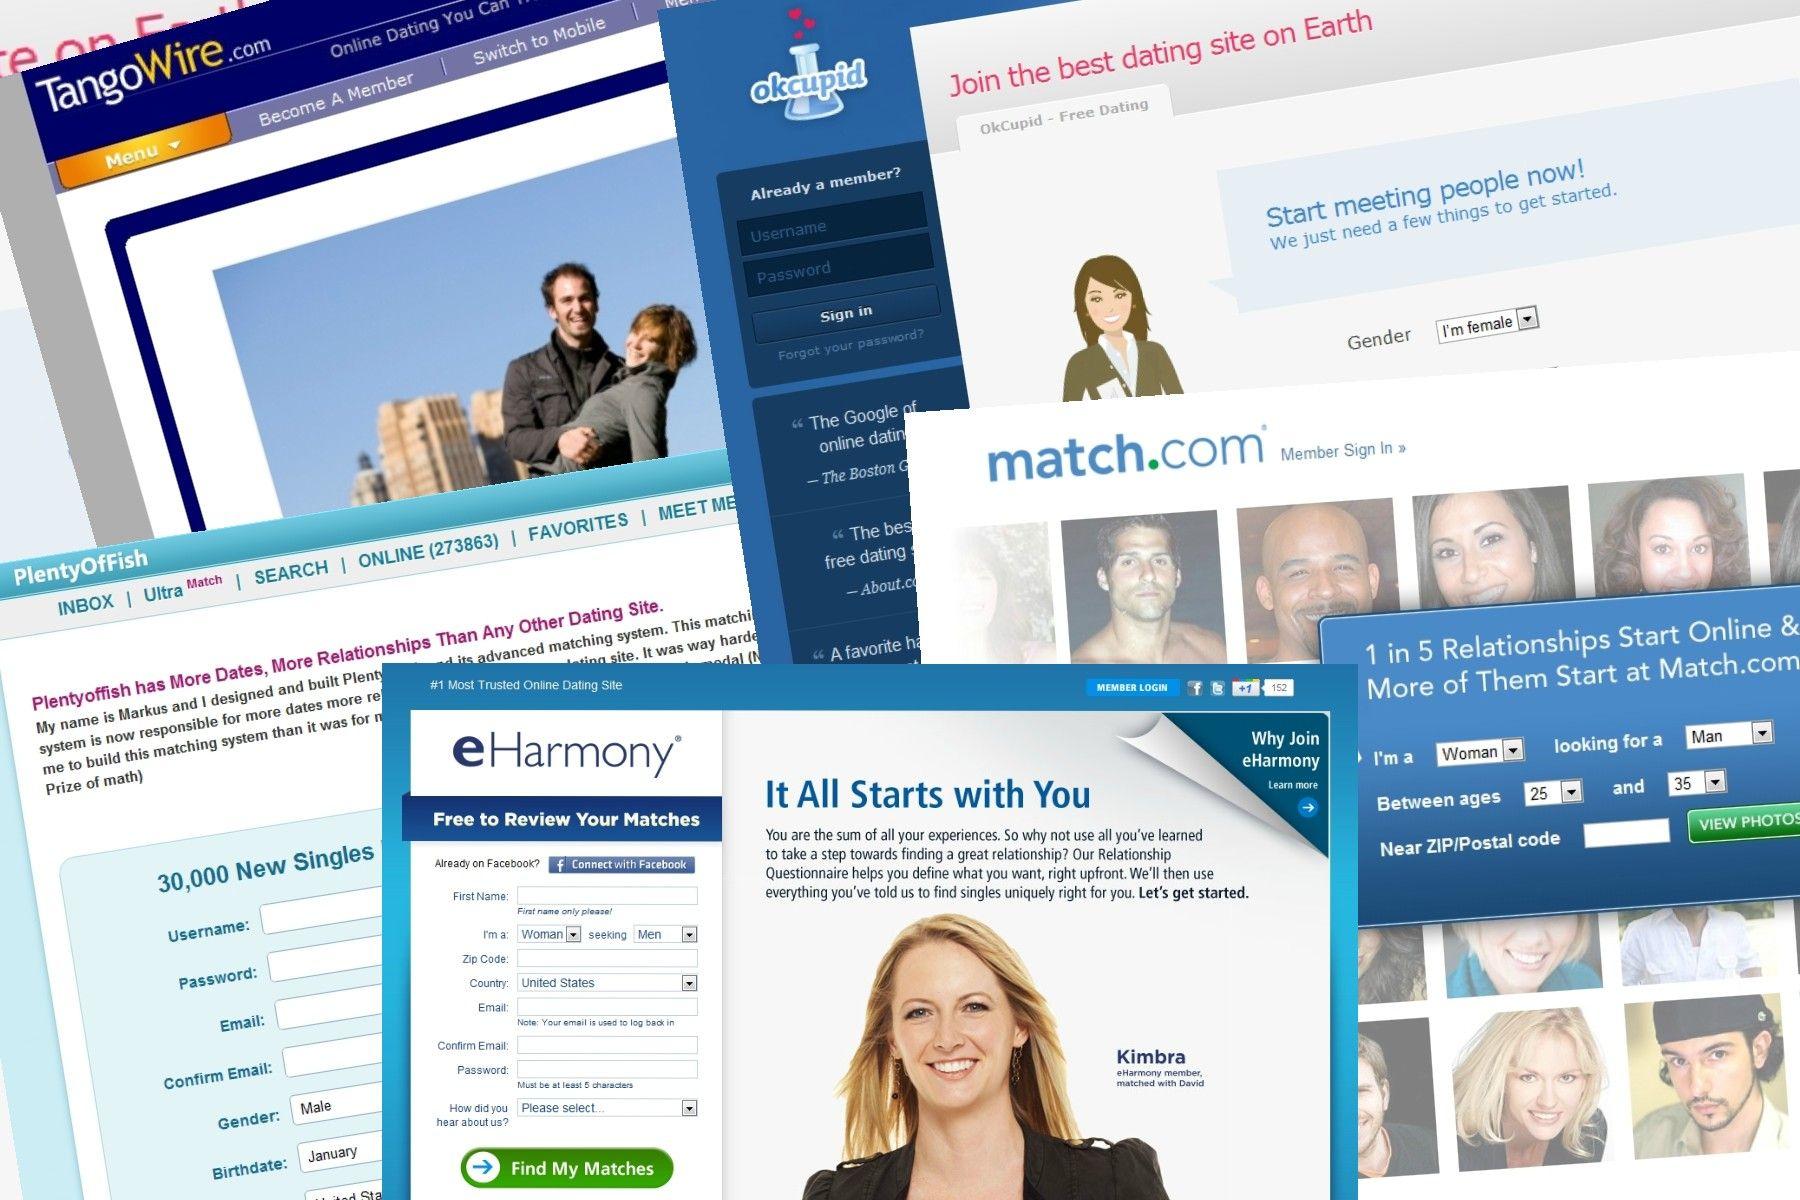 Welches ist die beste website für online-dating